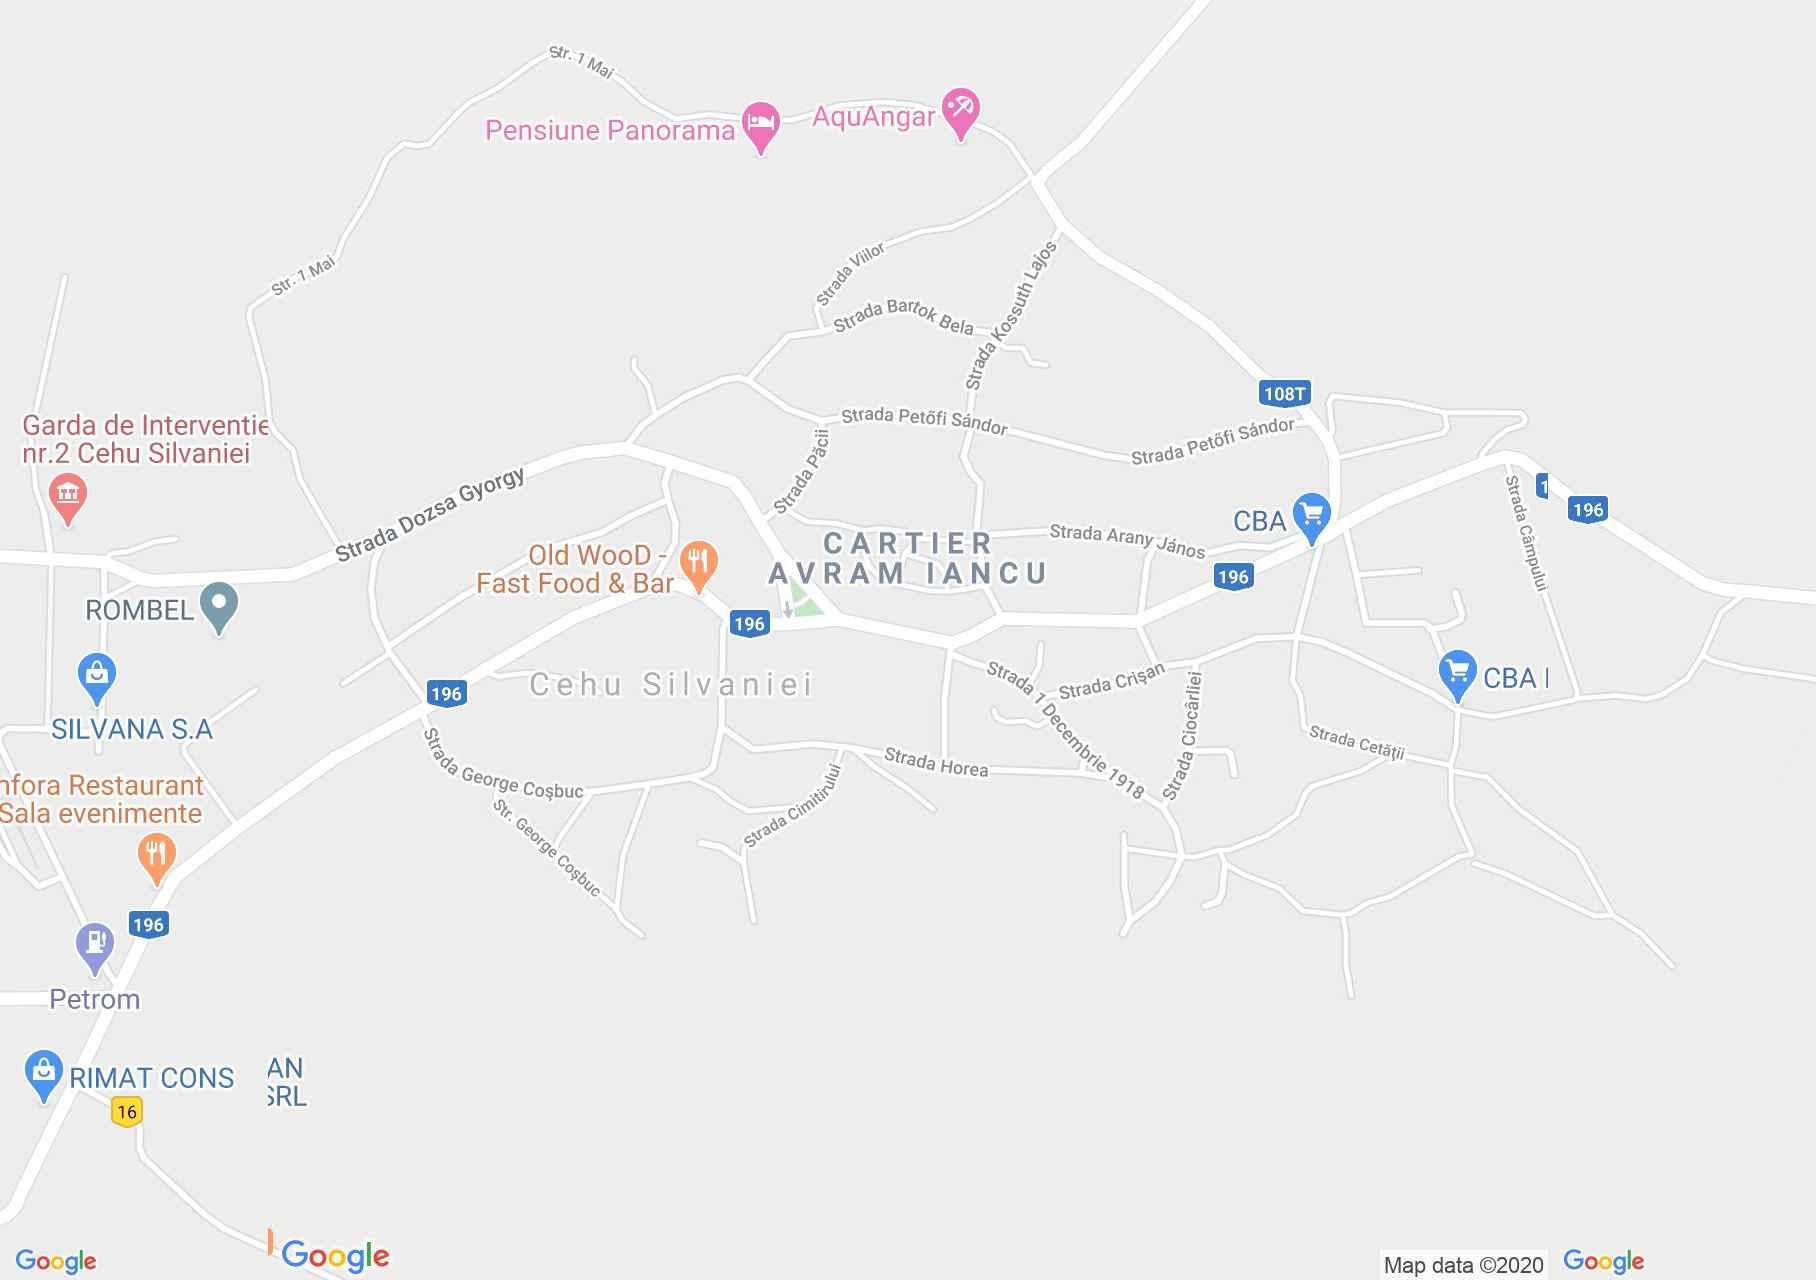 Cehu Silvaniei, Interactive tourist map